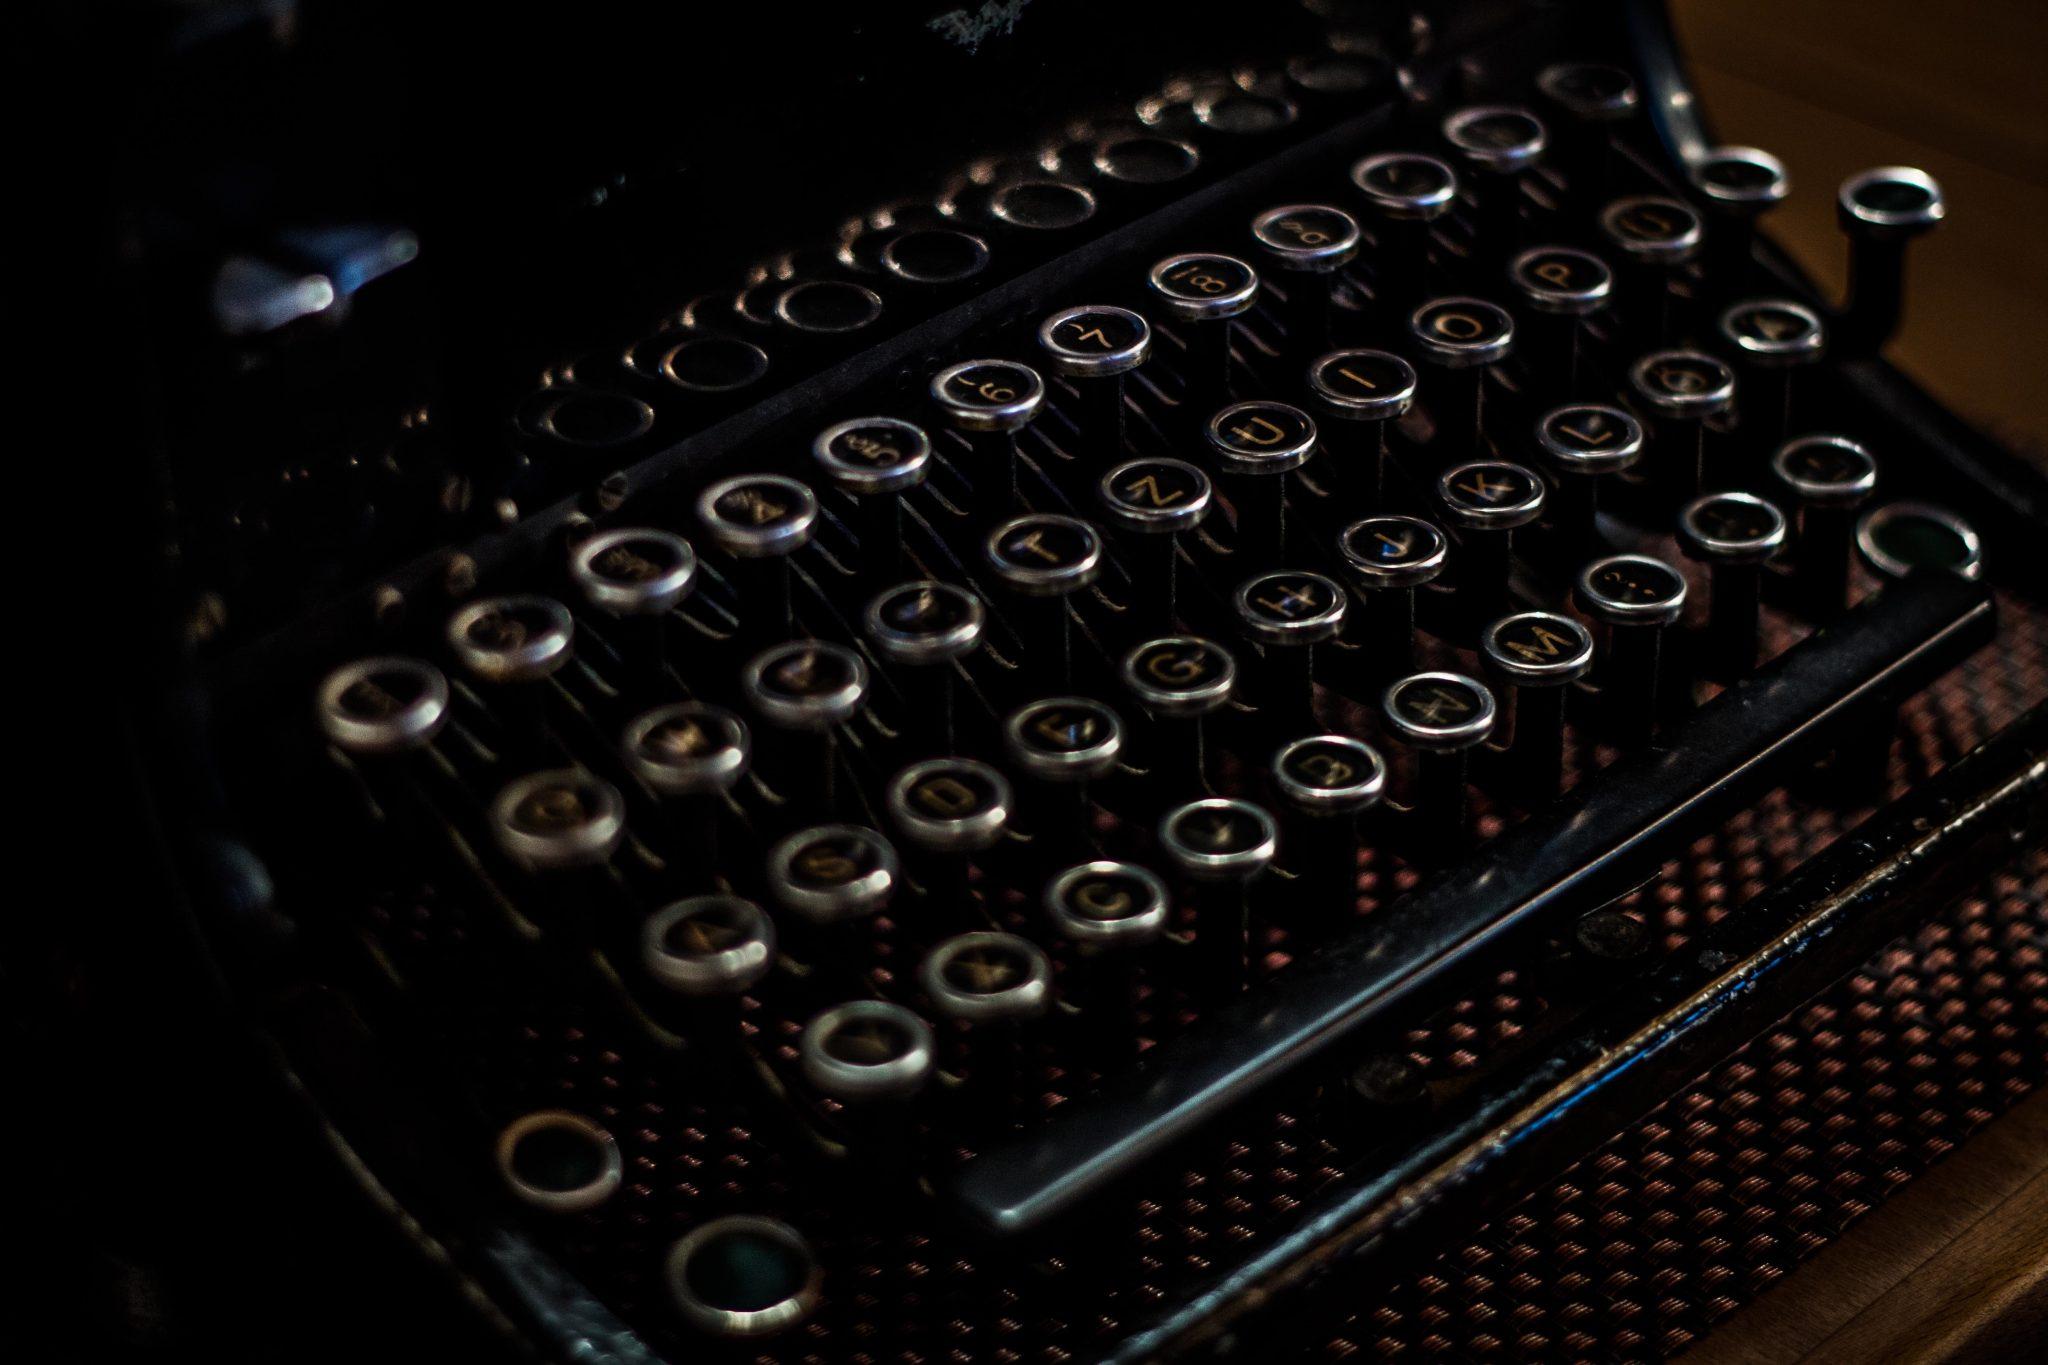 📌Los editores te cuentan: La autoedición libros. ¡Consejos y dudas!